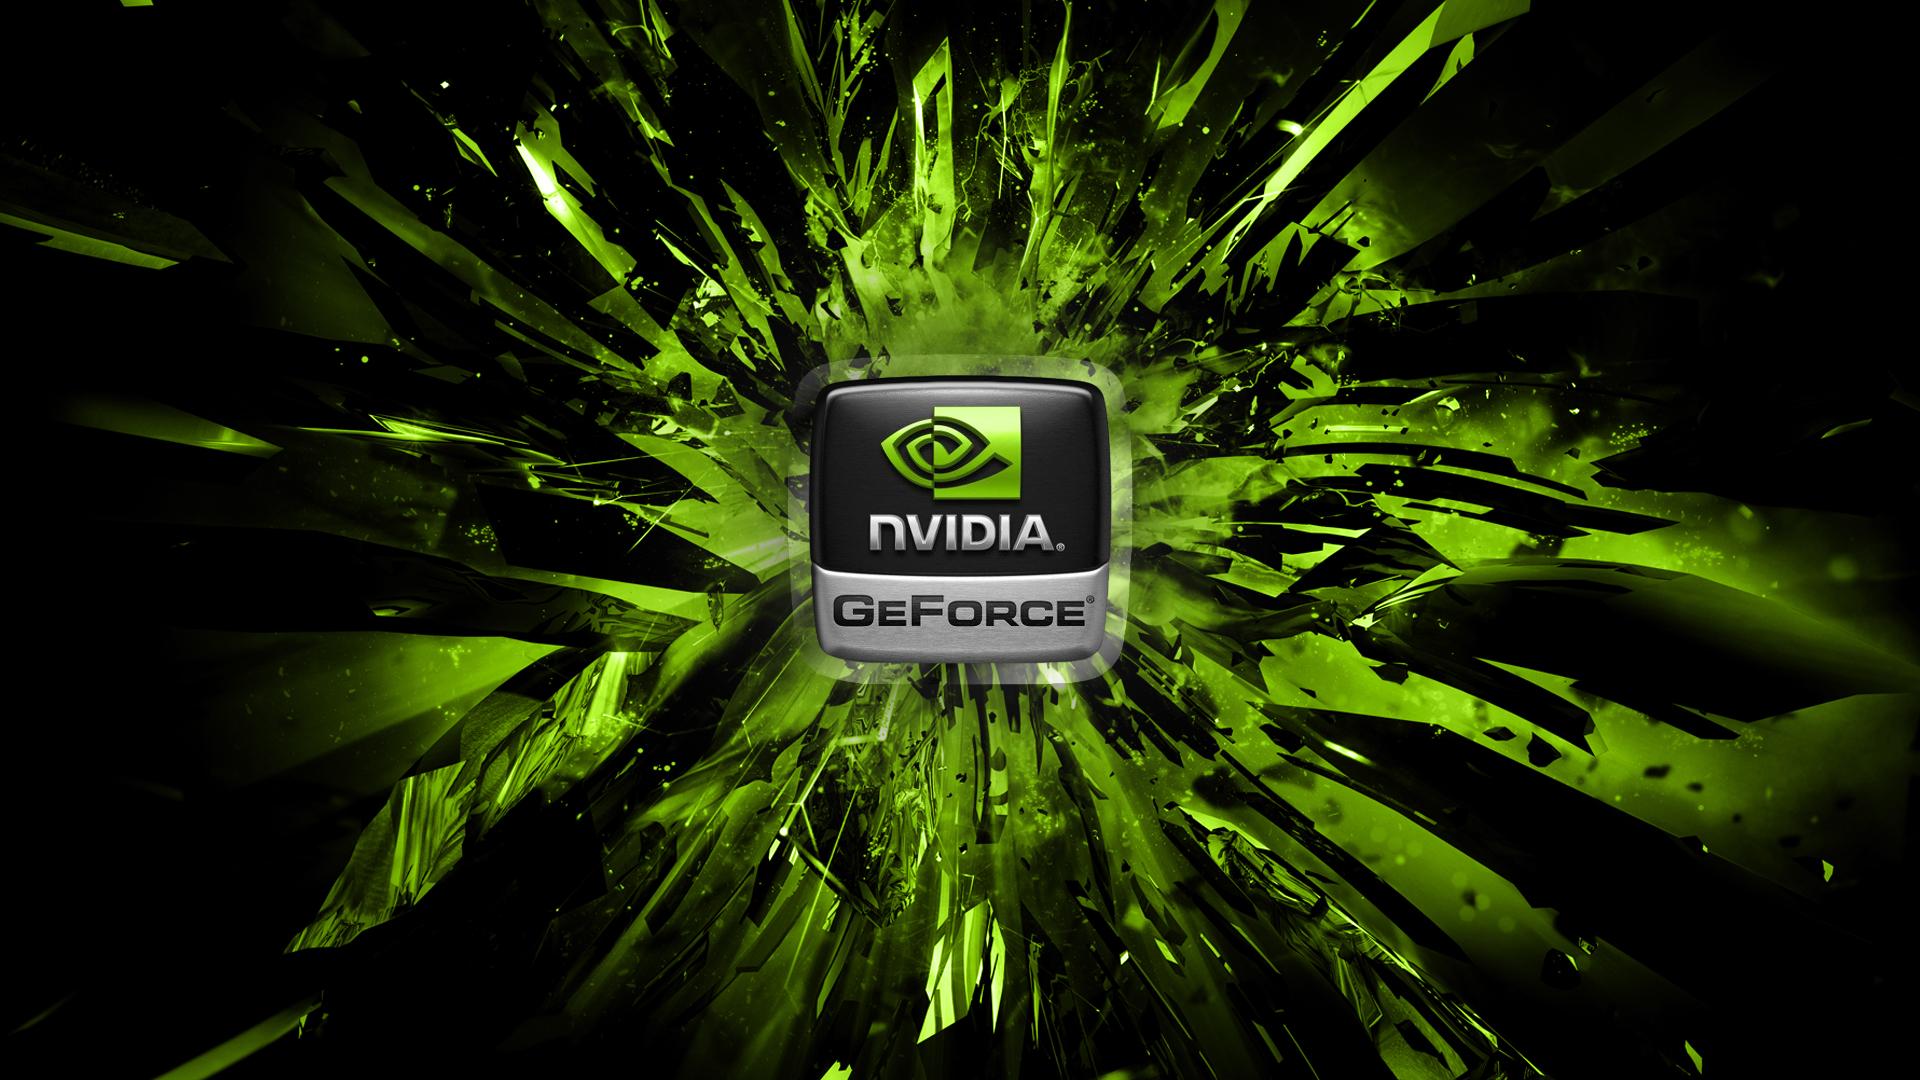 Повышение спроса на майнинг повлияло на доходность Nvidia